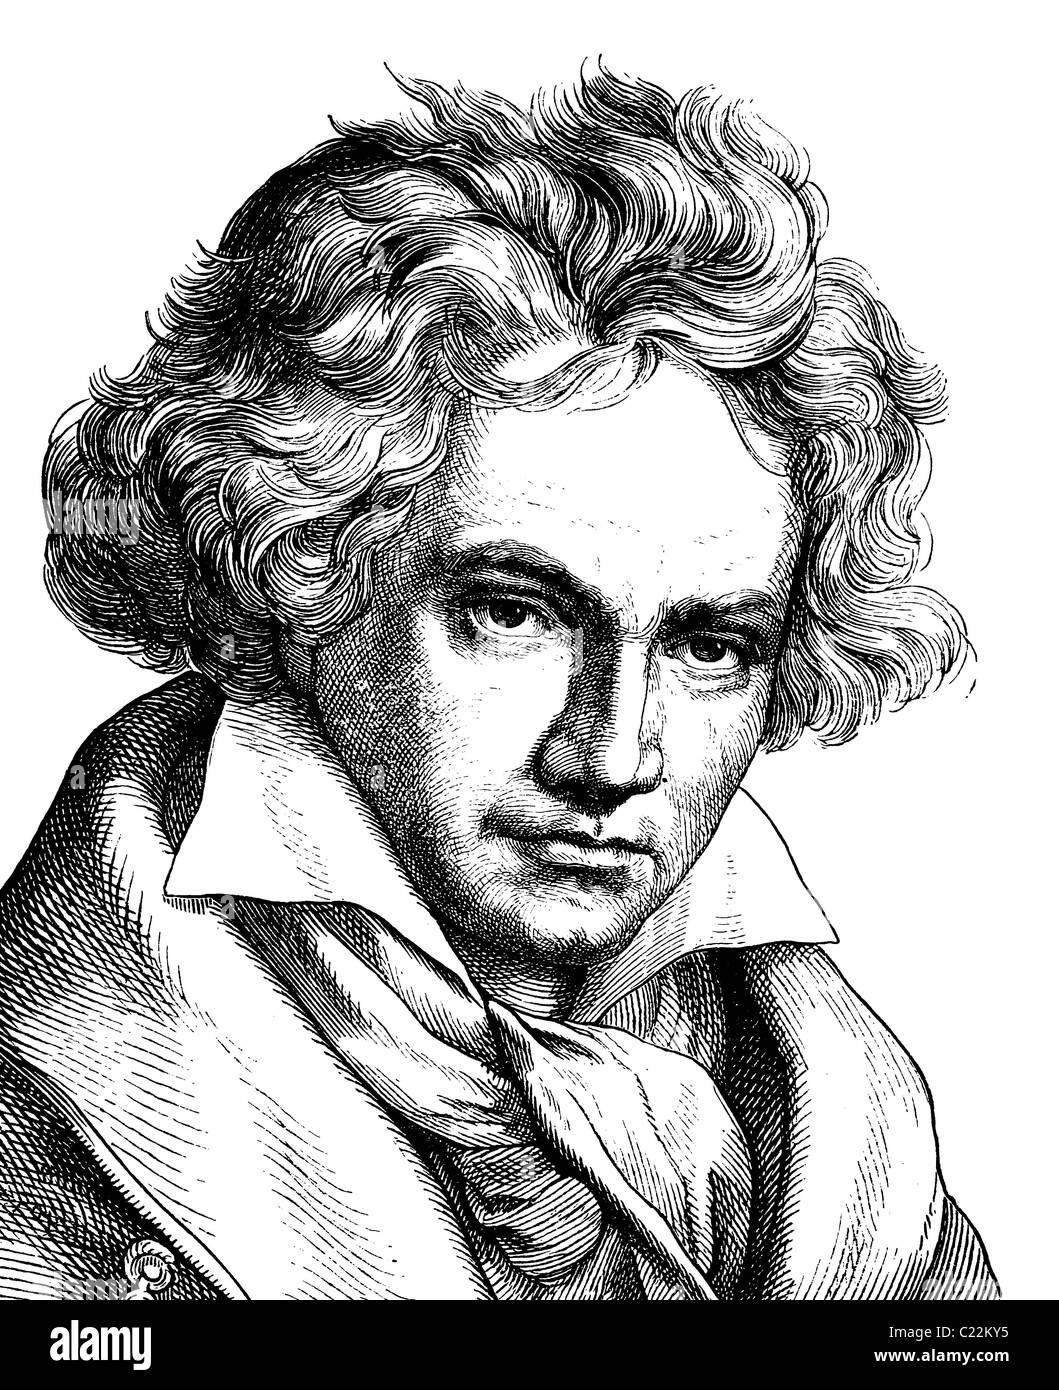 Digital improved image of Ludwig van Beethoven, 1770 - 1827, composer, Portrait, historical illustration, 1880 - Stock Image